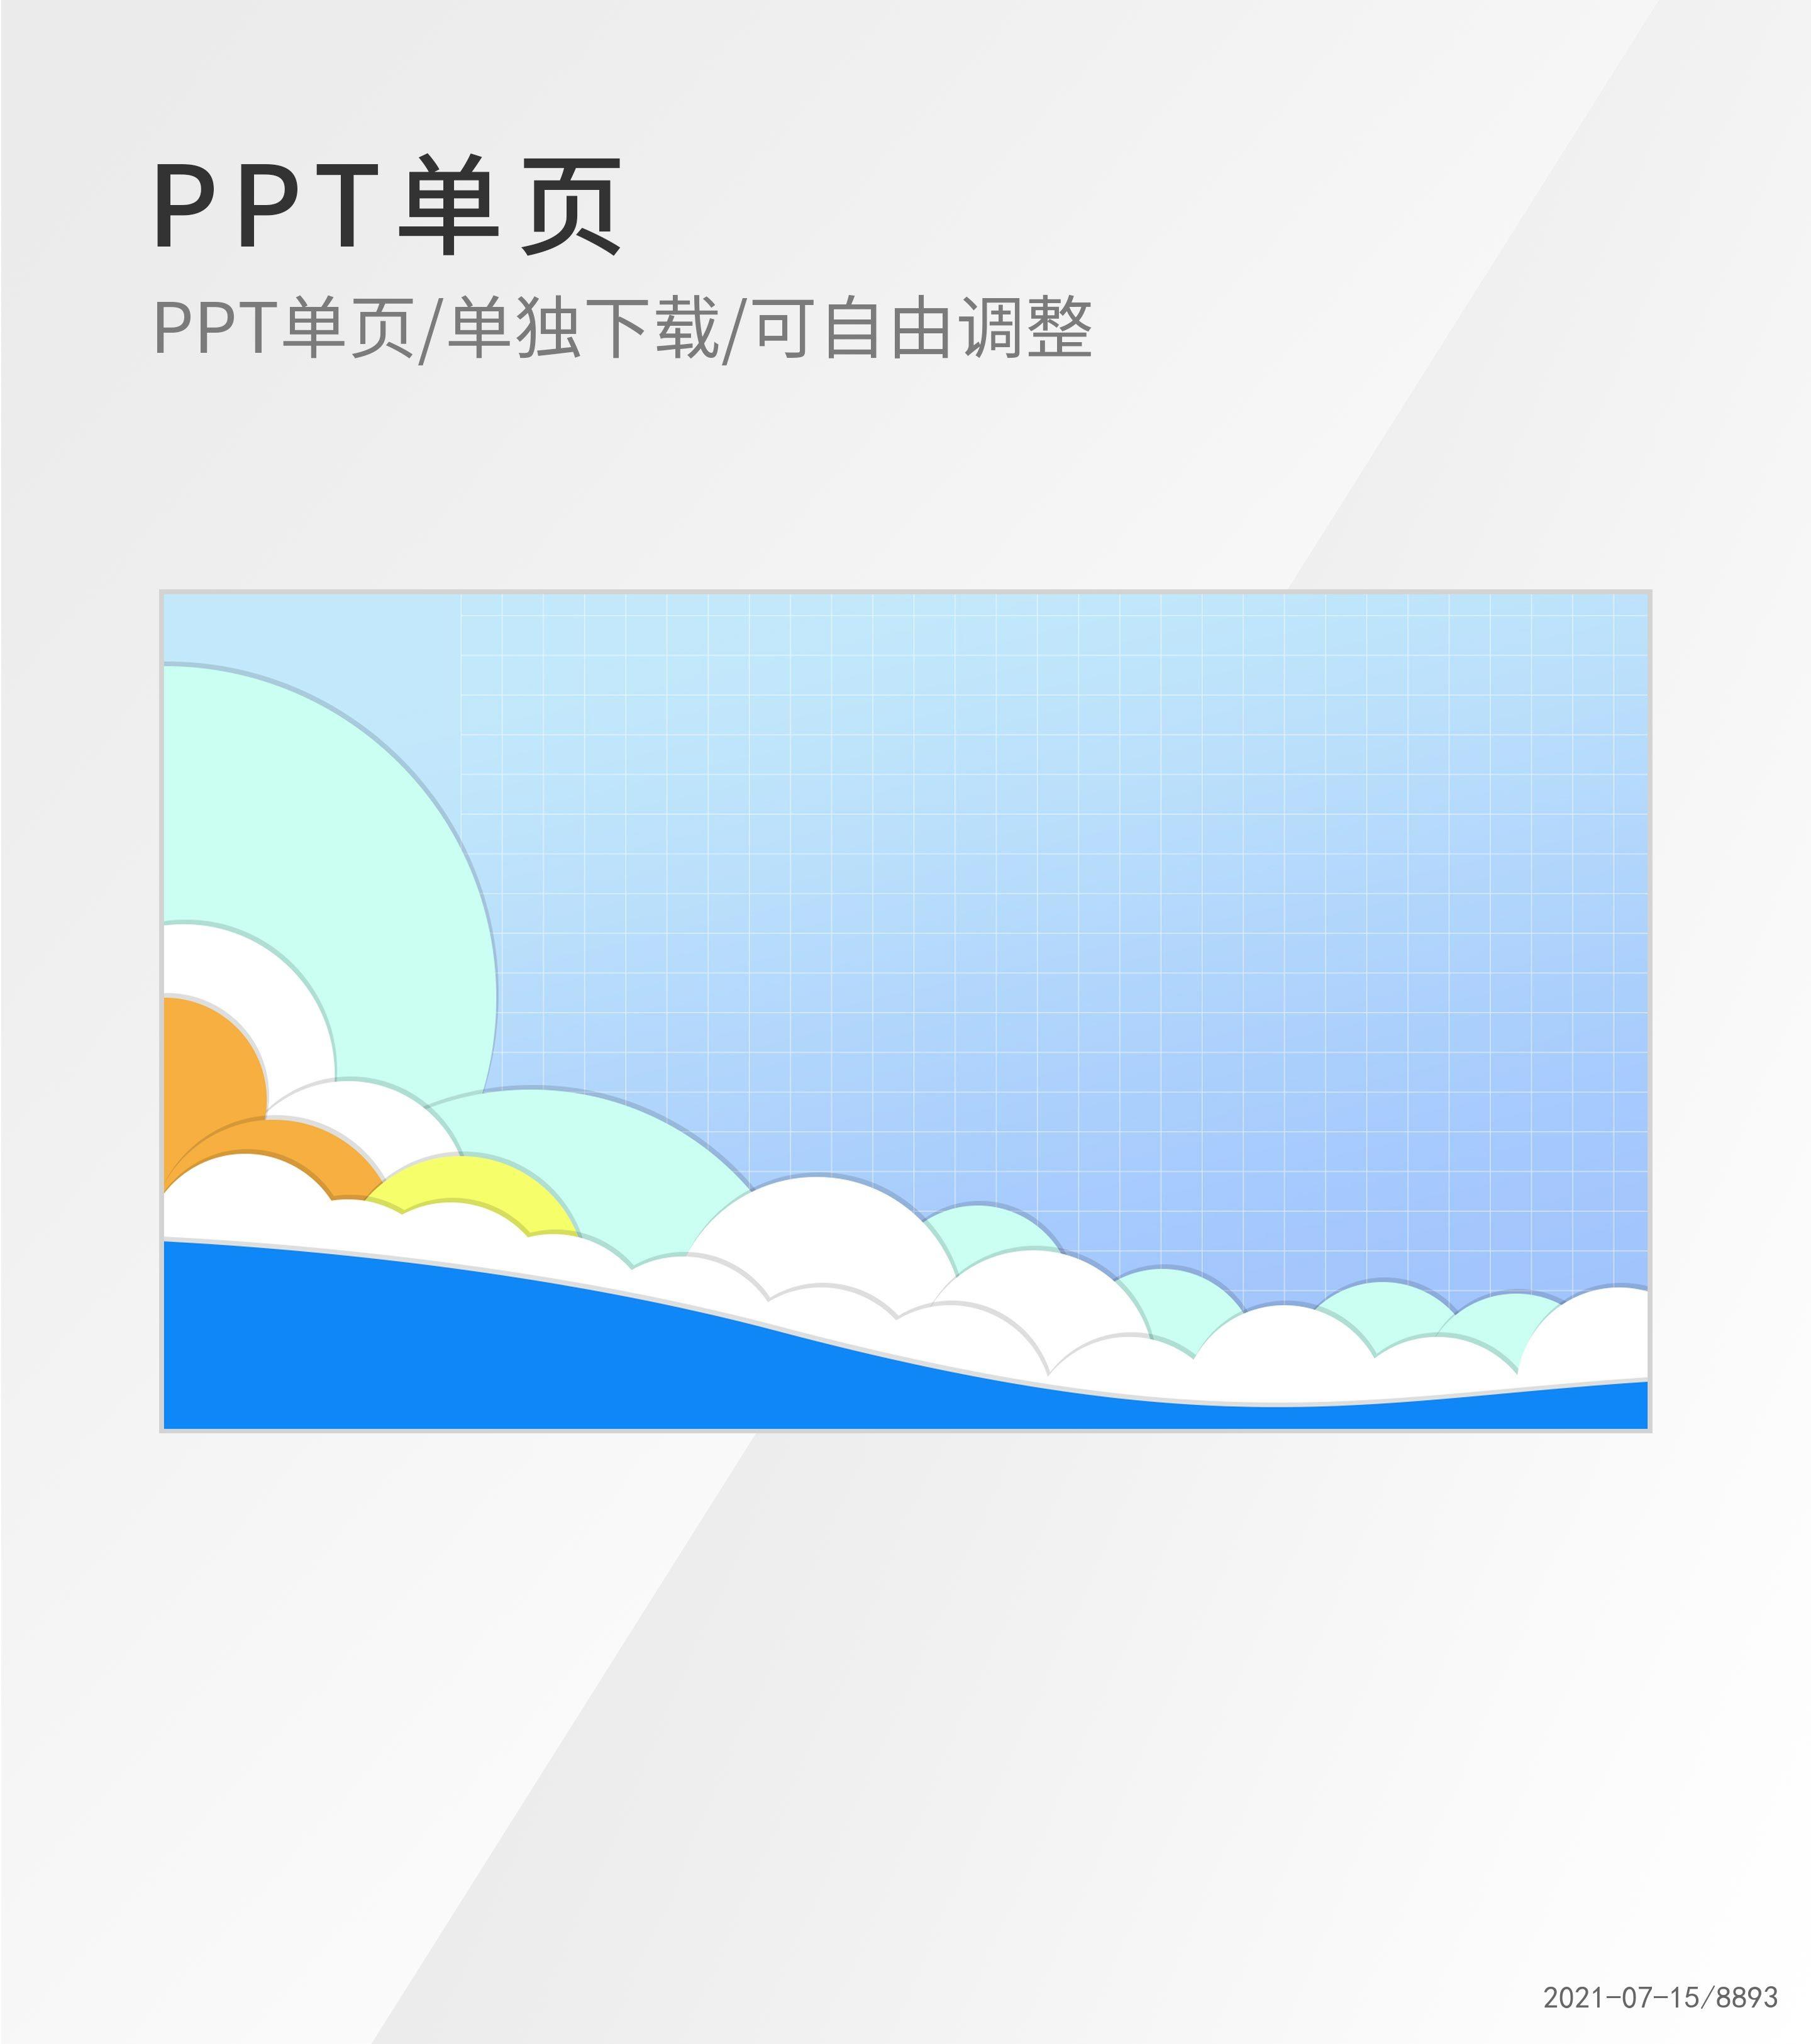 蓝色清新简约风PPT封面背景